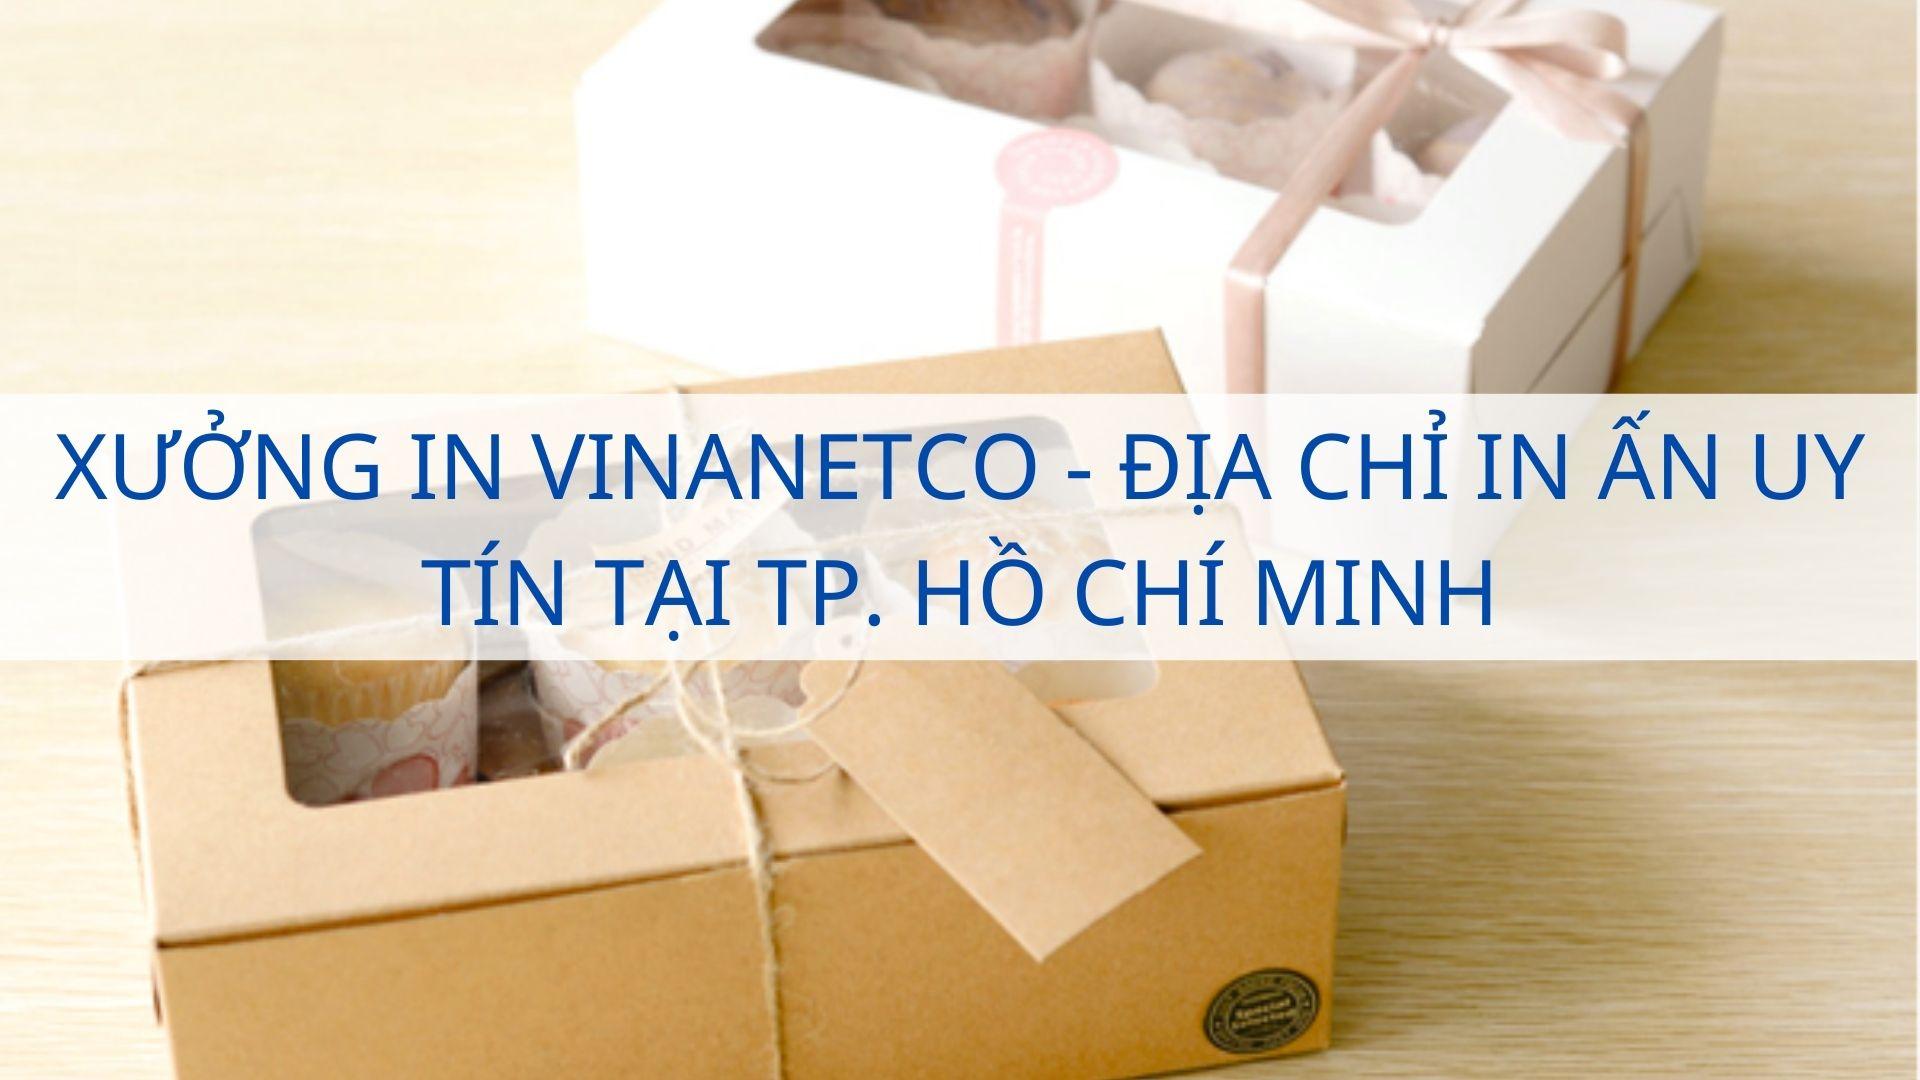 Xưởng in Vinanetco - Địa chỉ in ấn uy tín tại TP. Hồ Chí Minh